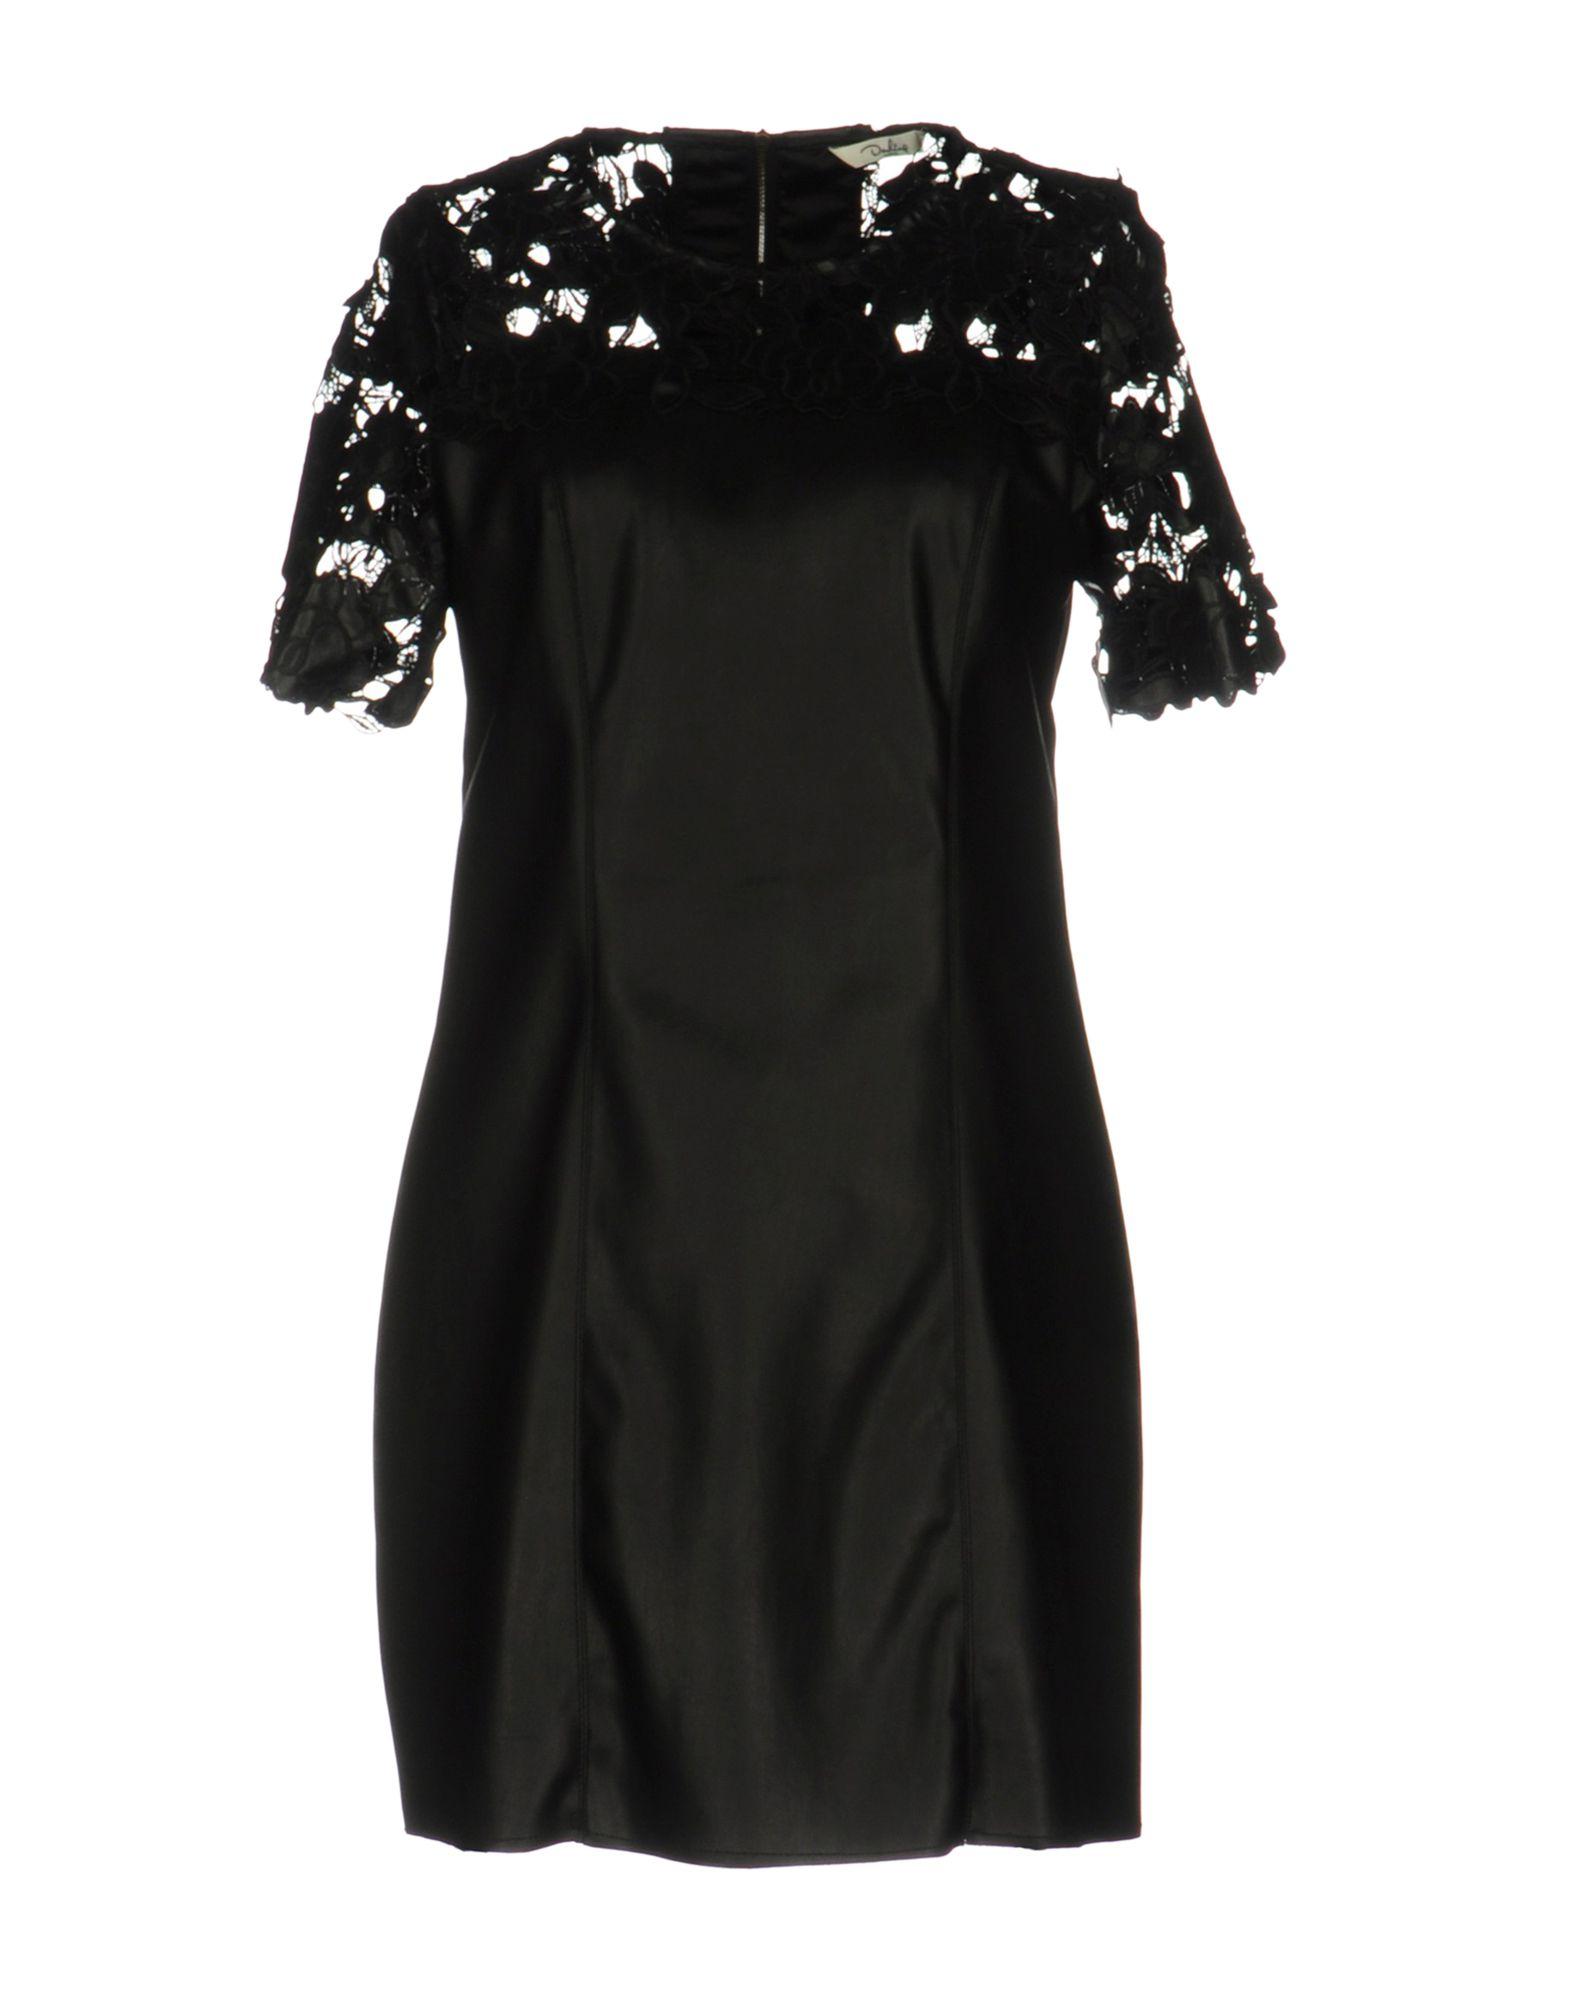 DARLING Damen Kurzes Kleid Farbe Schwarz Größe 5